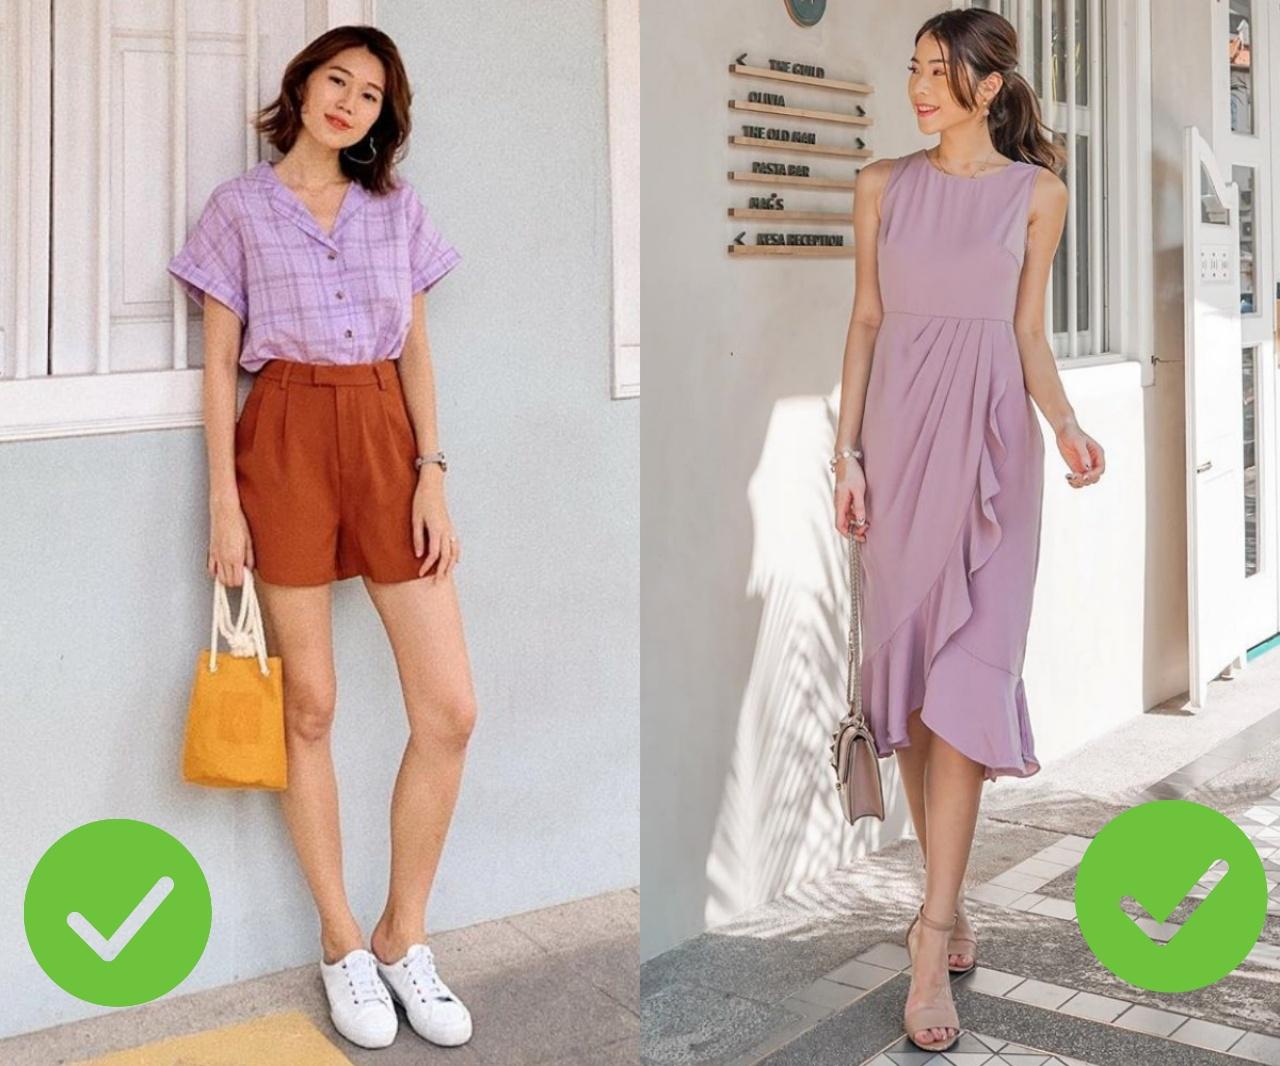 Hot nhất năm nay chính là trang phục màu tím nhưng để diện đẹp mà không sến thì các nàng cần tránh 3 sai lầm sau - Ảnh 4.